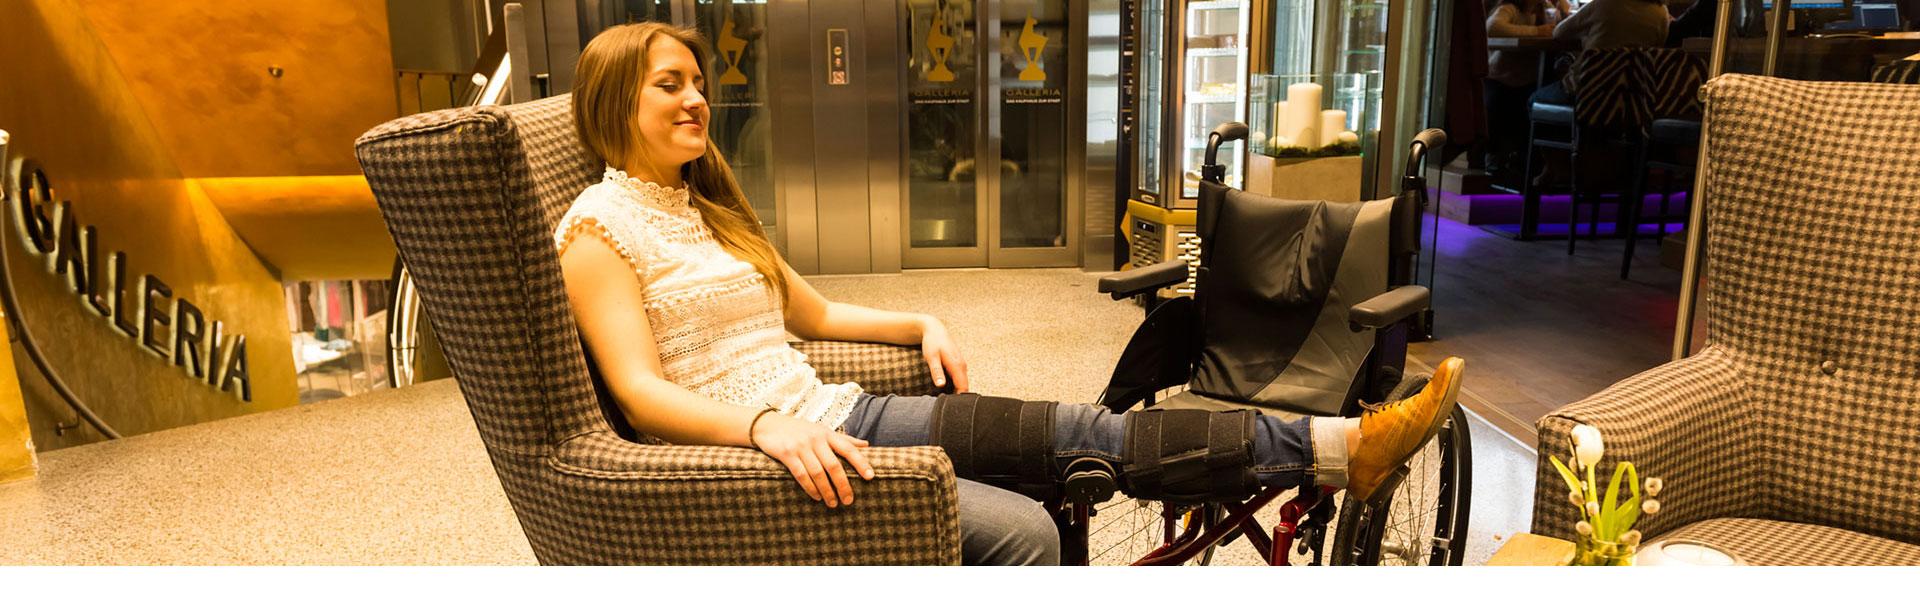 Junge Frau im Rollstuhl in der Kitz Galleria - komplett Barrierefrei